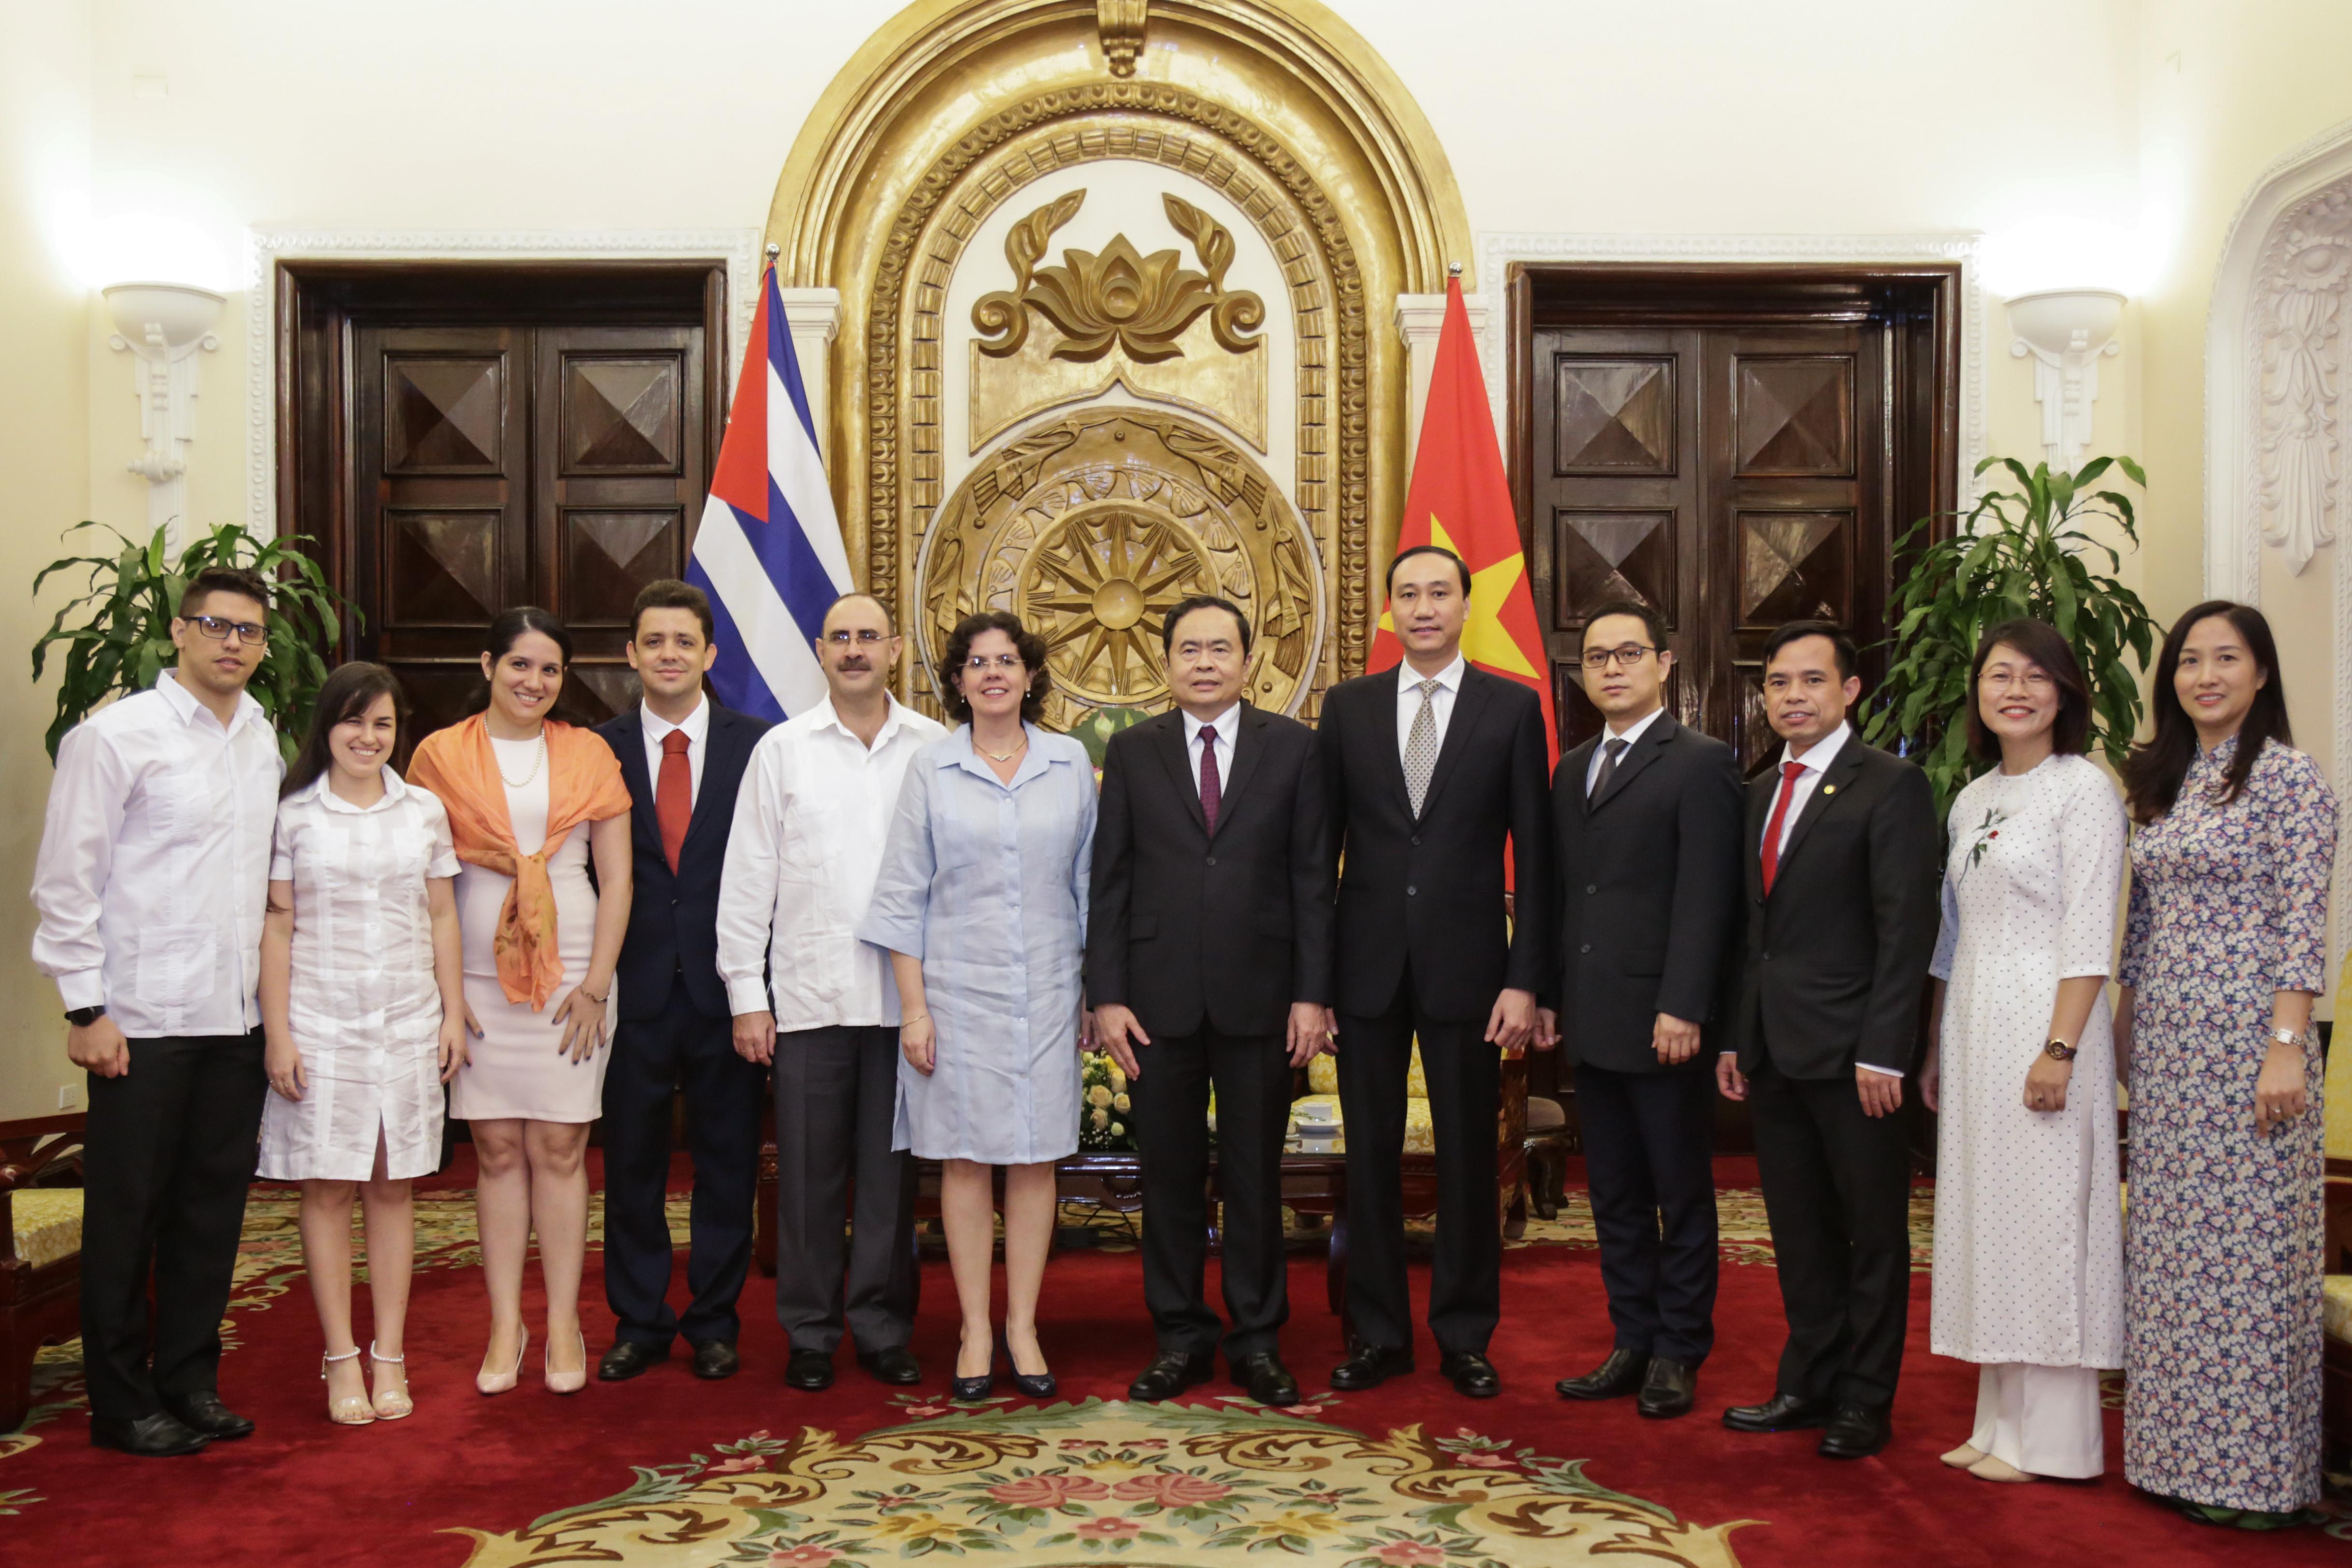 Chủ tịch Trần Thanh Mẫn chụpảnh lưu niệm cùngĐại sứ Cuba Lianys Torres Rivera